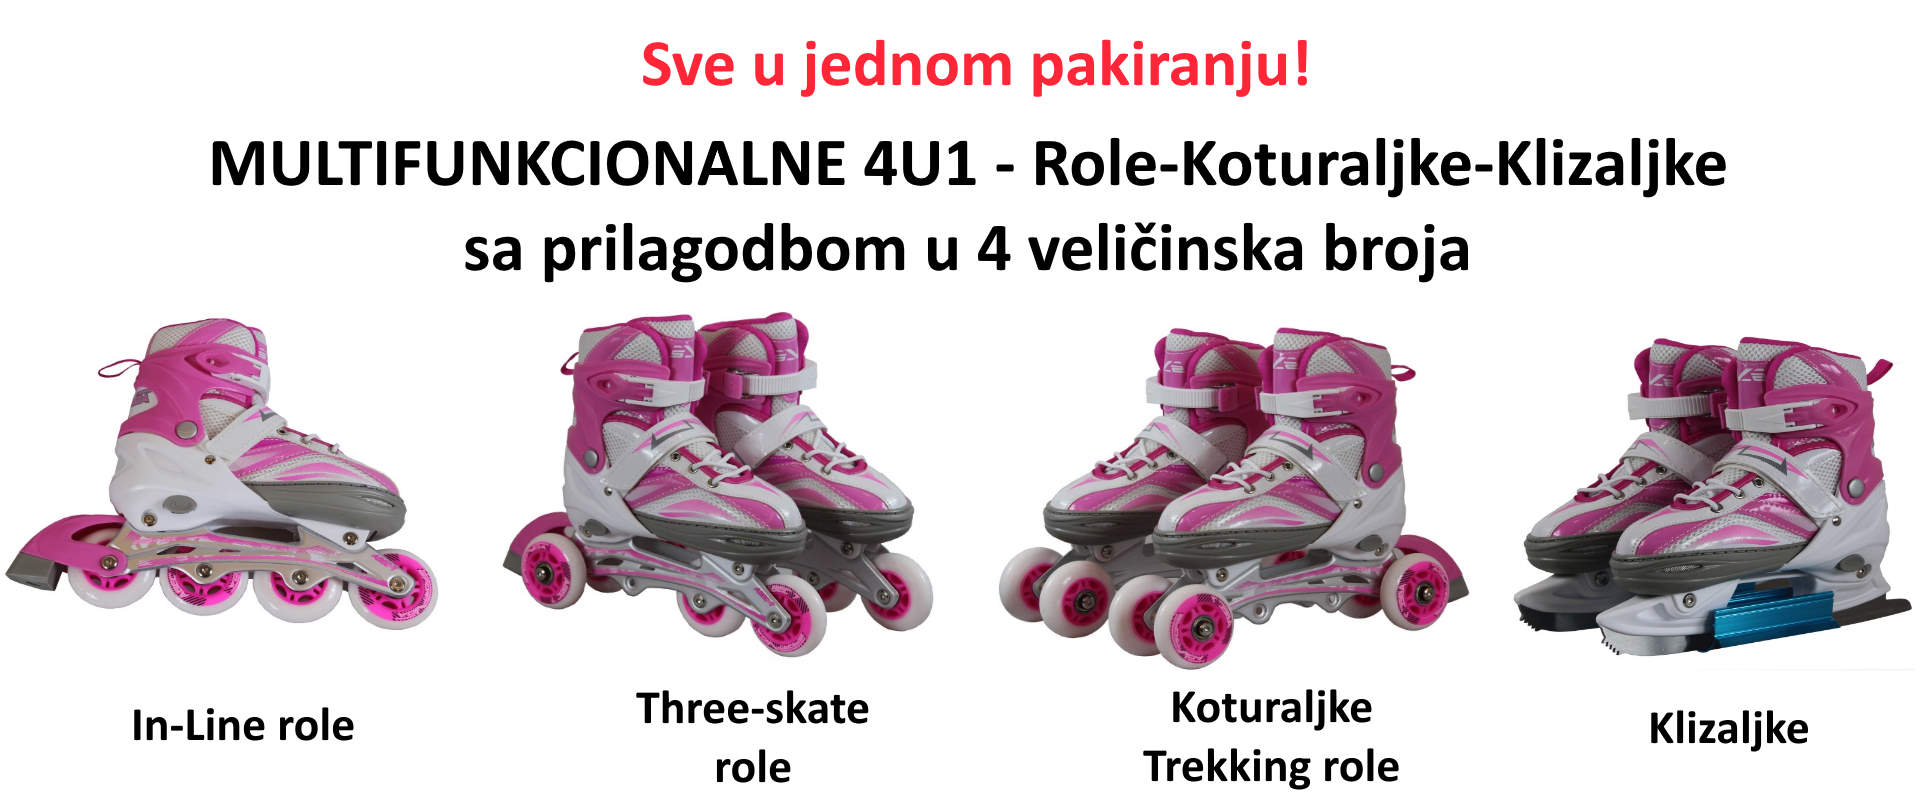 Role-Koturaljke-Klizaljke - 4u1